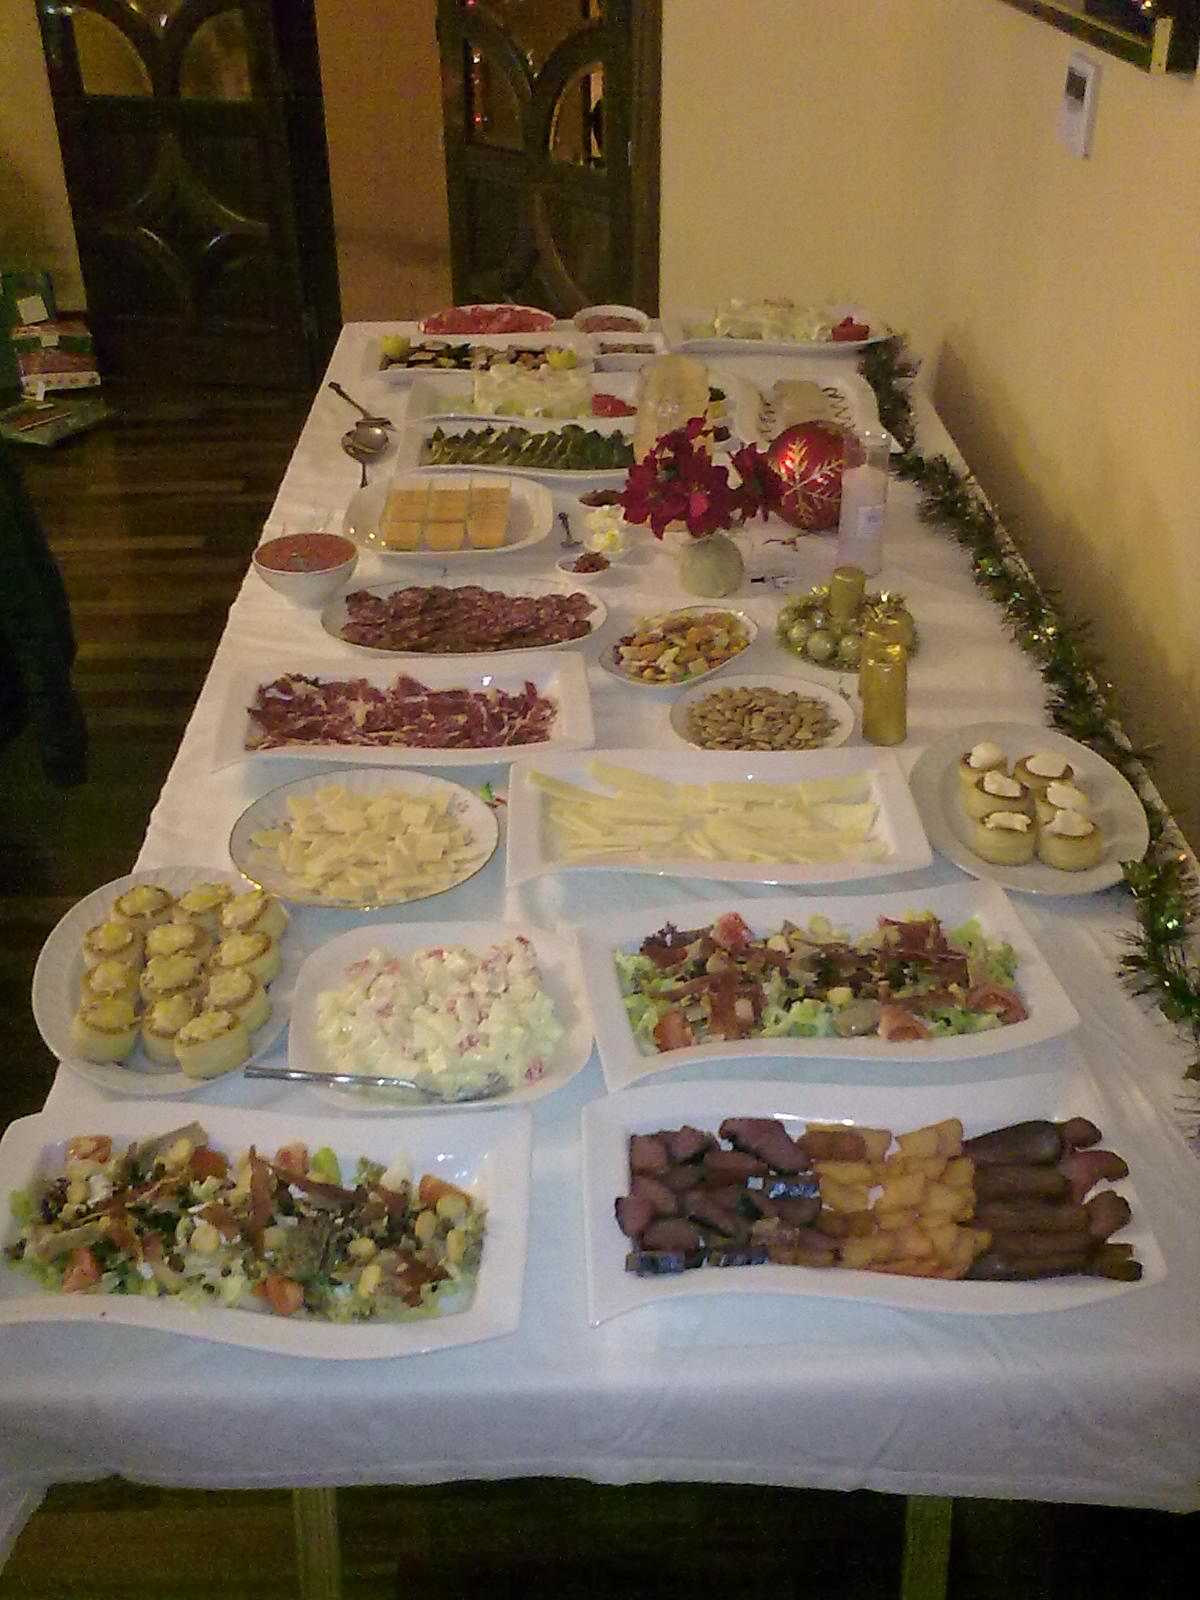 cena de noche buena - Ideas Para La Cena De Nochebuena